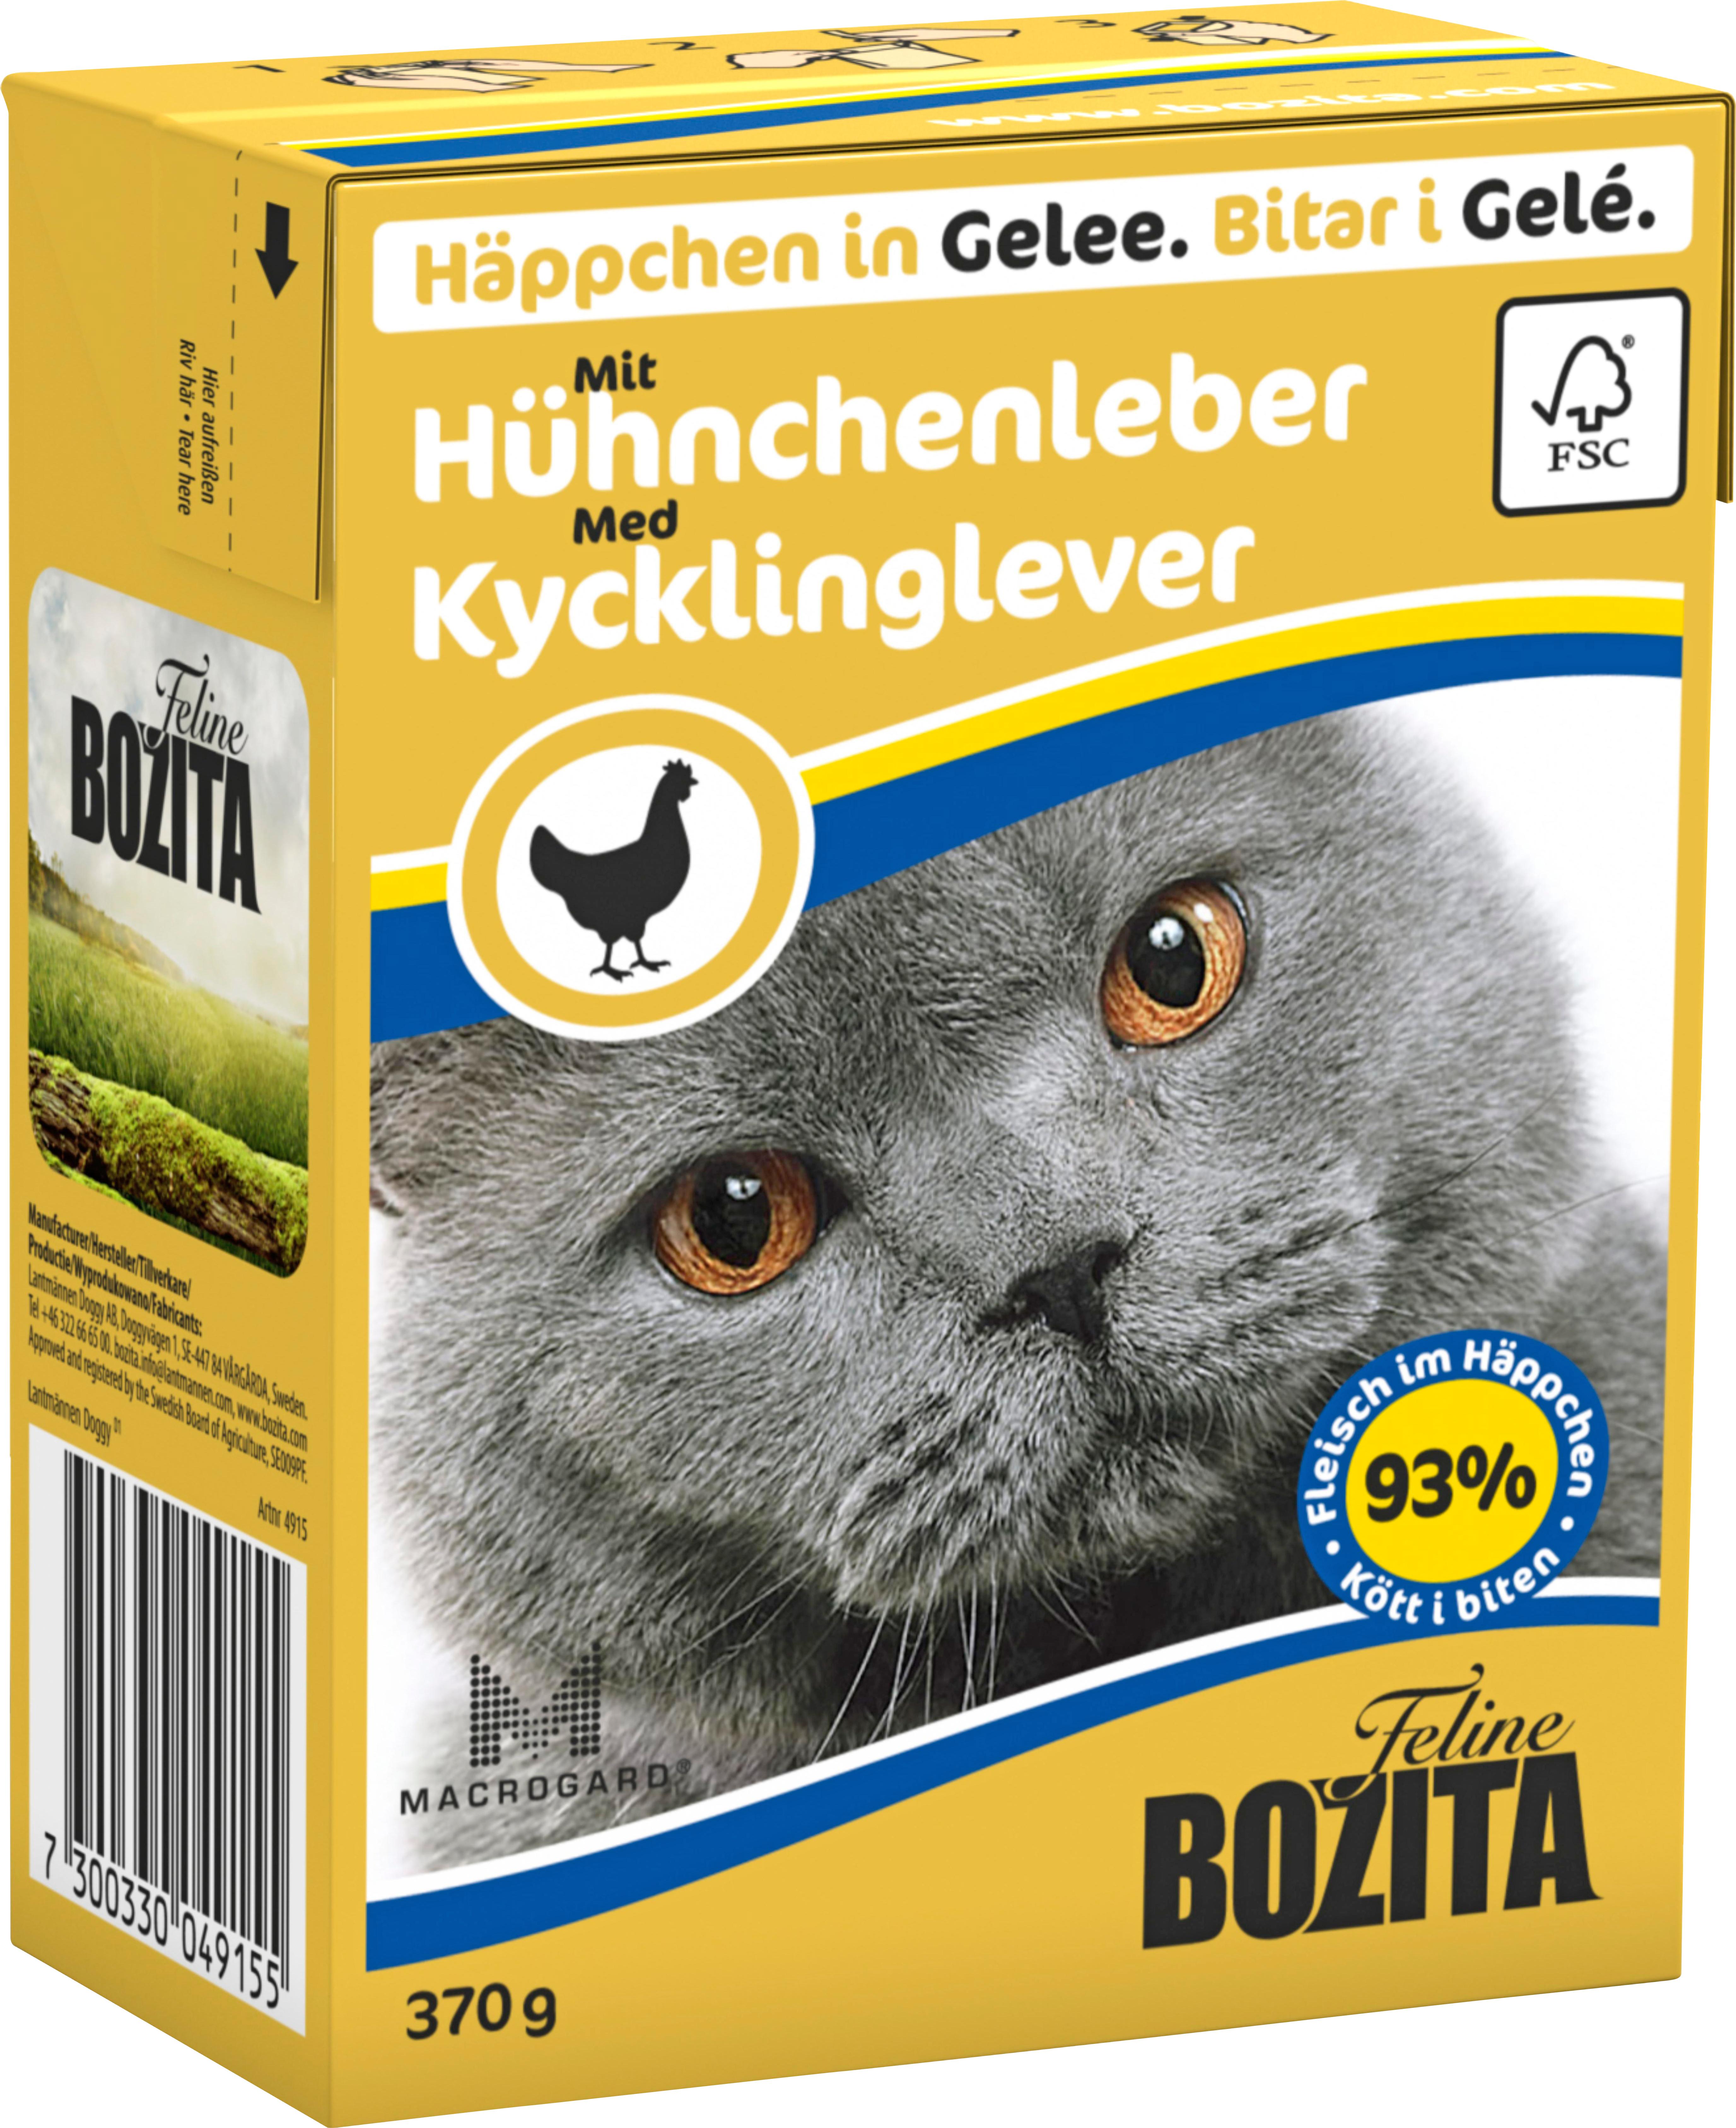 Kattmat Bozita Bitar i gelé med kycklinglever, 370 g